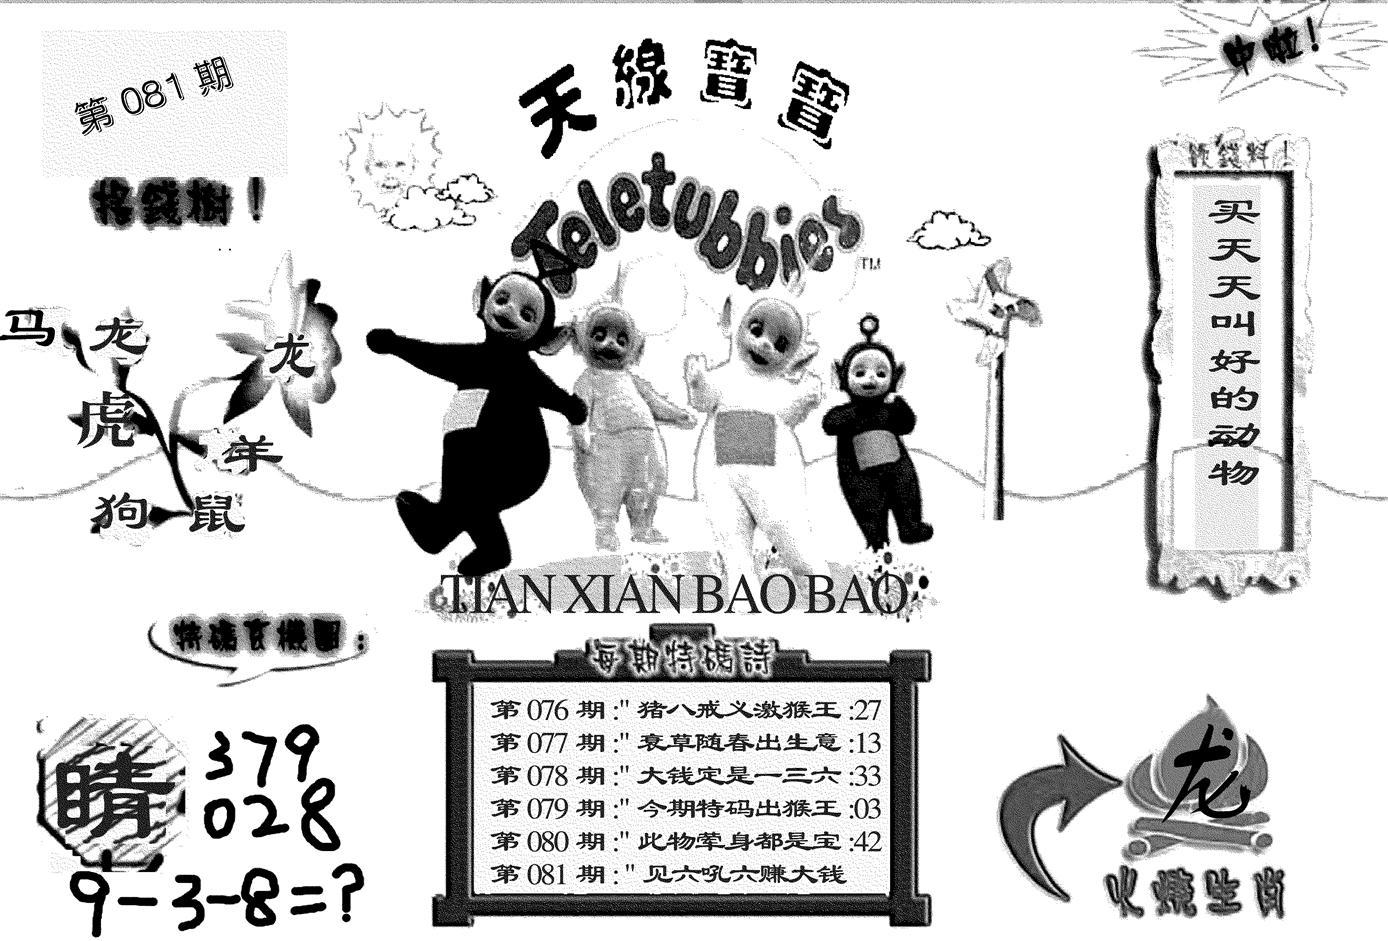 081期天线宝宝(黑白)(黑白)